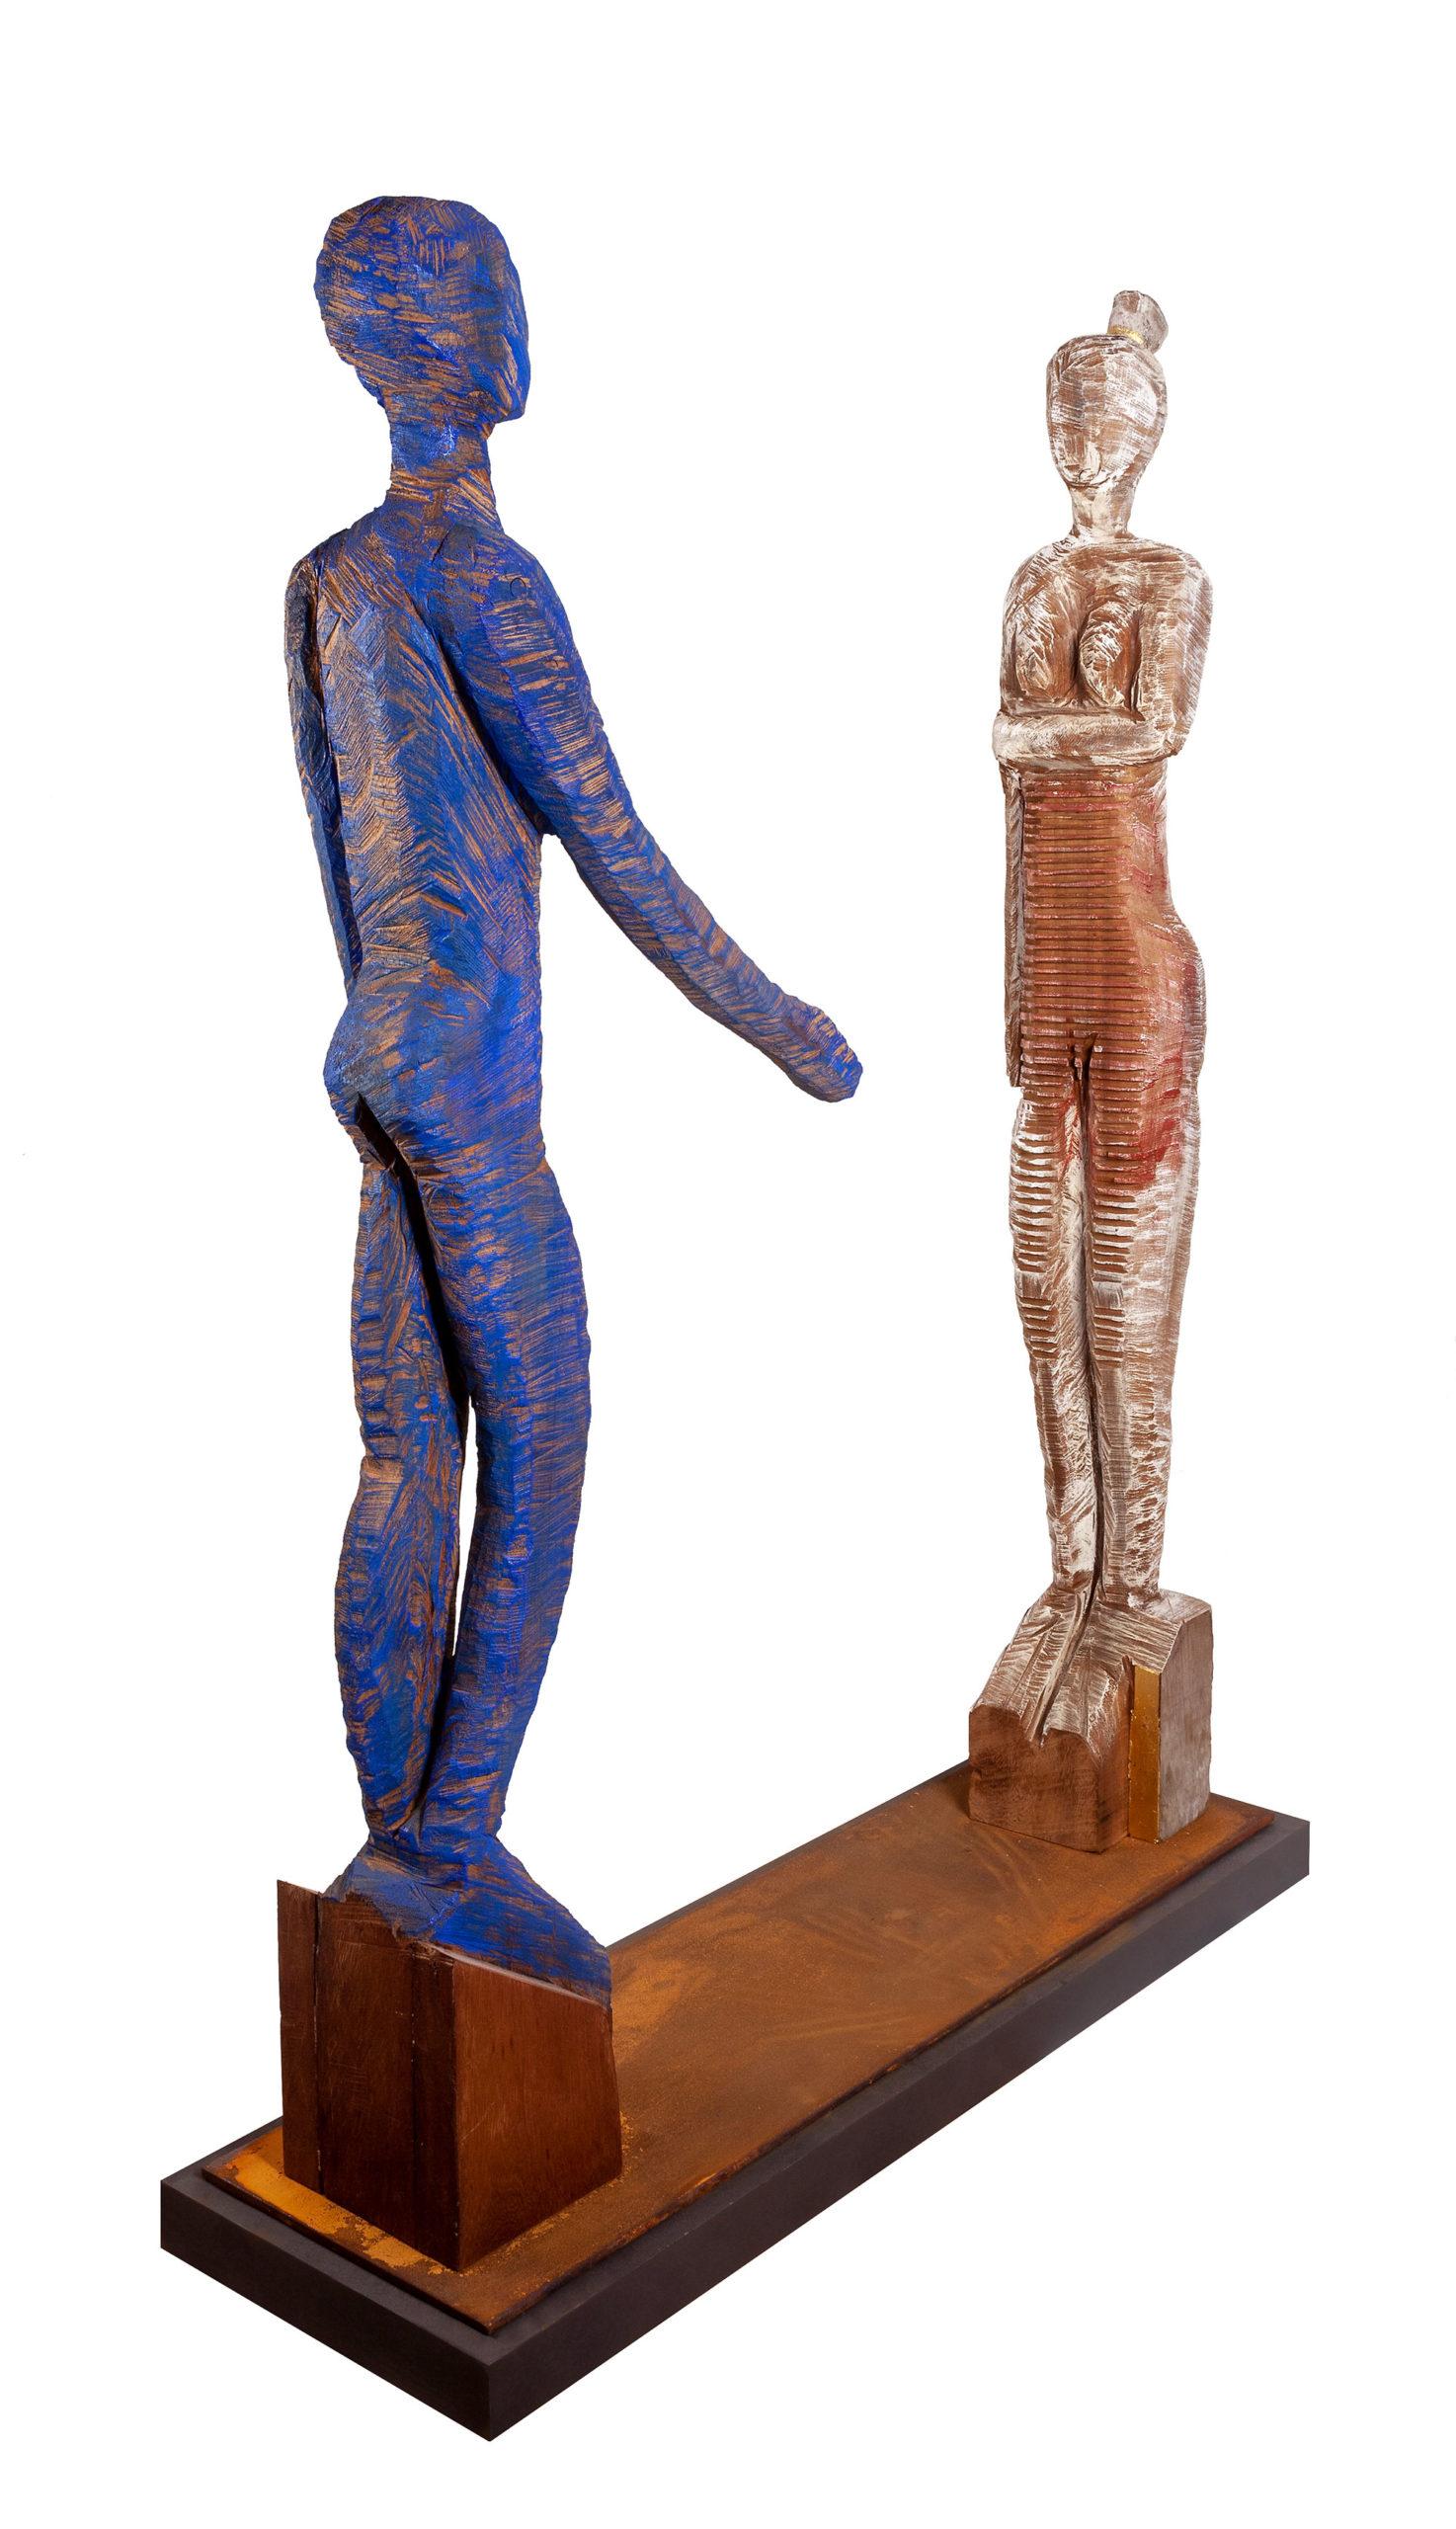 Skulptur von Bildhauer Thomas Schulze